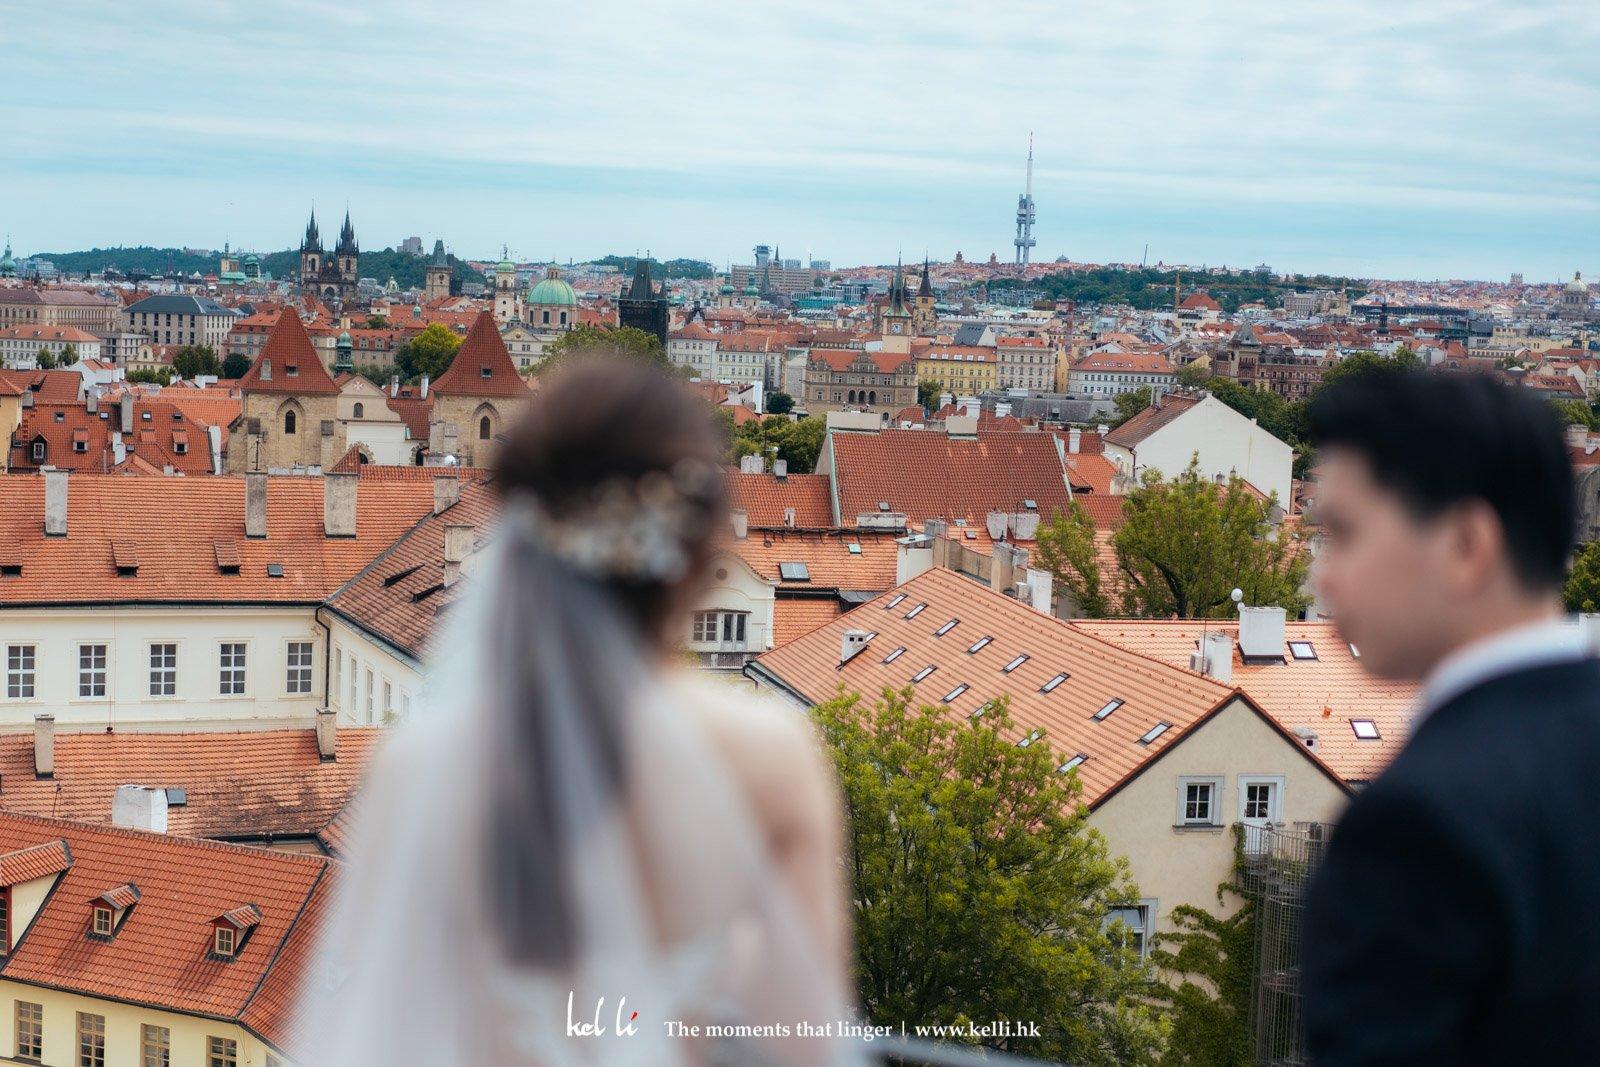 布拉格 Prague的小屋風光令人懷念